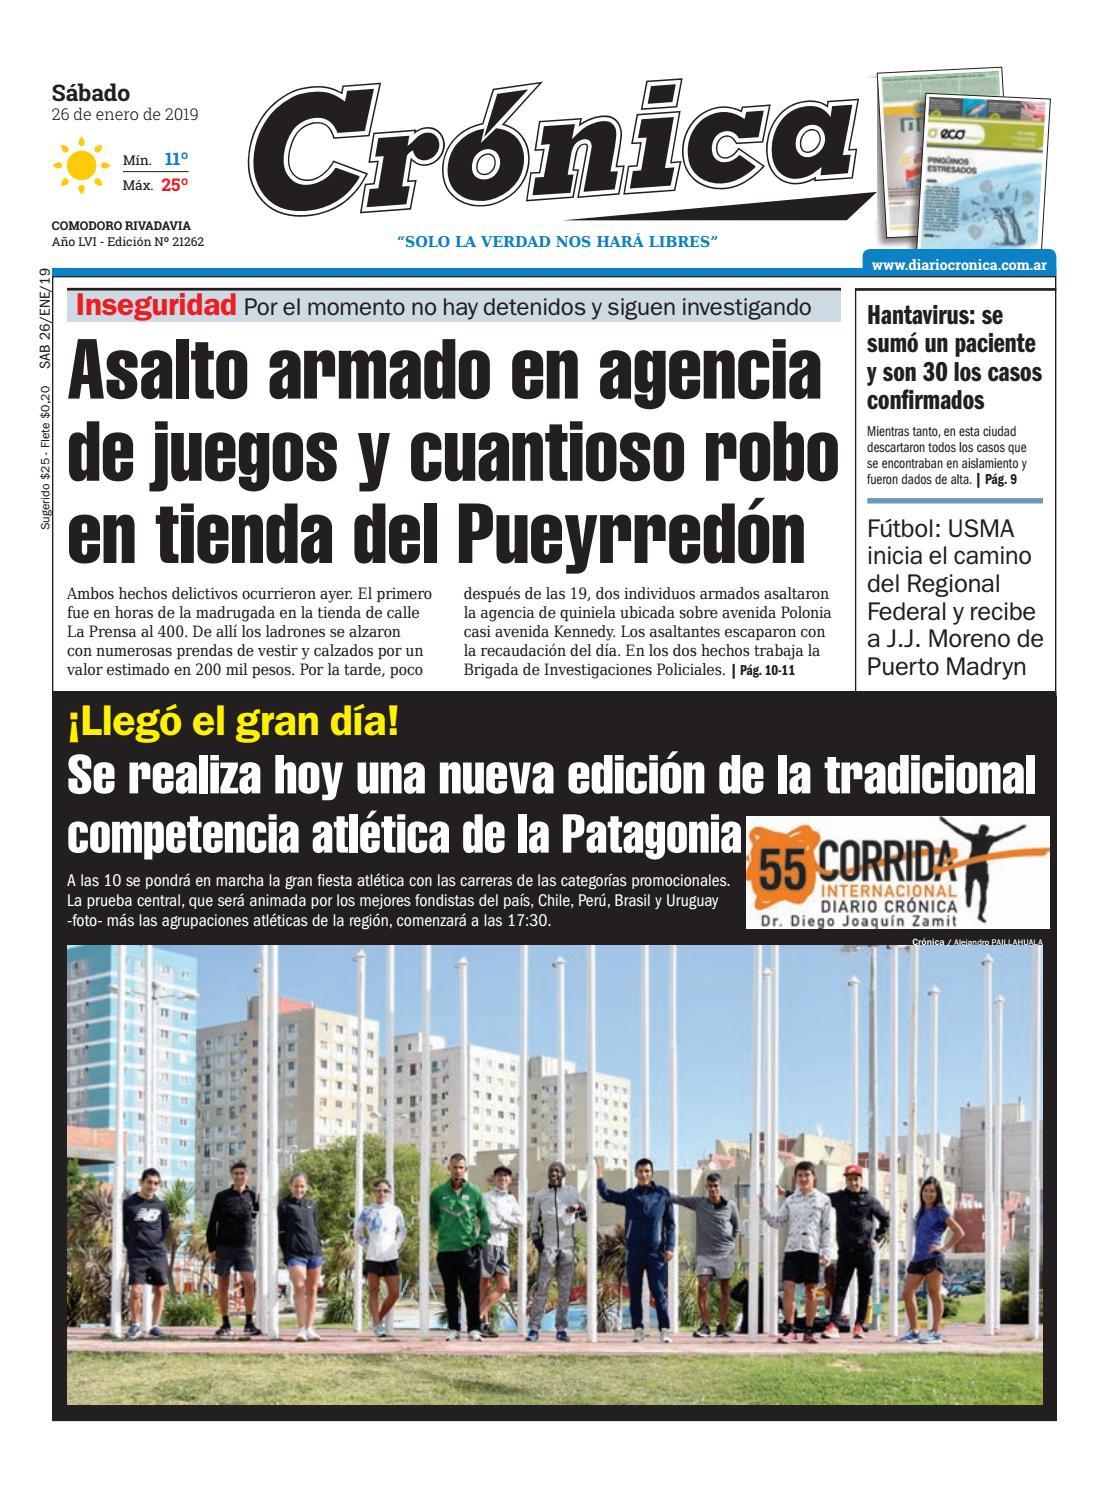 a2fa2305de070 Diario cronica 26 01 2019 by Diario Crónica - issuu